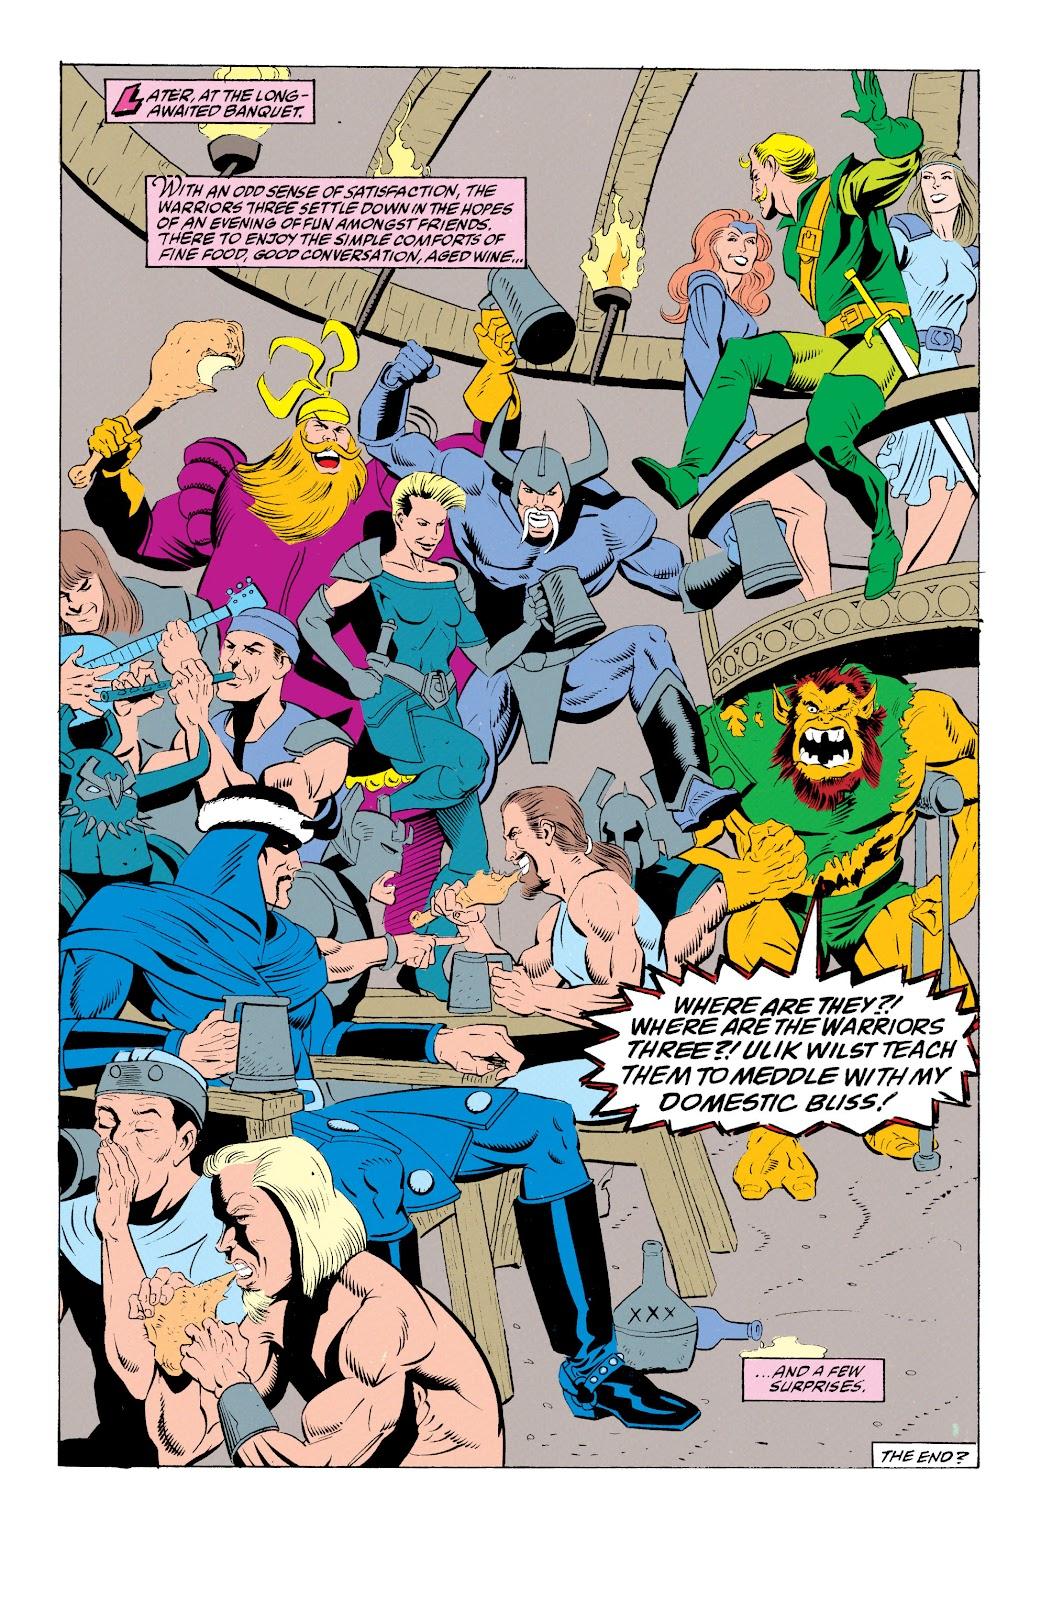 Read online Avengers: Citizen Kang comic -  Issue # TPB (Part 2) - 2